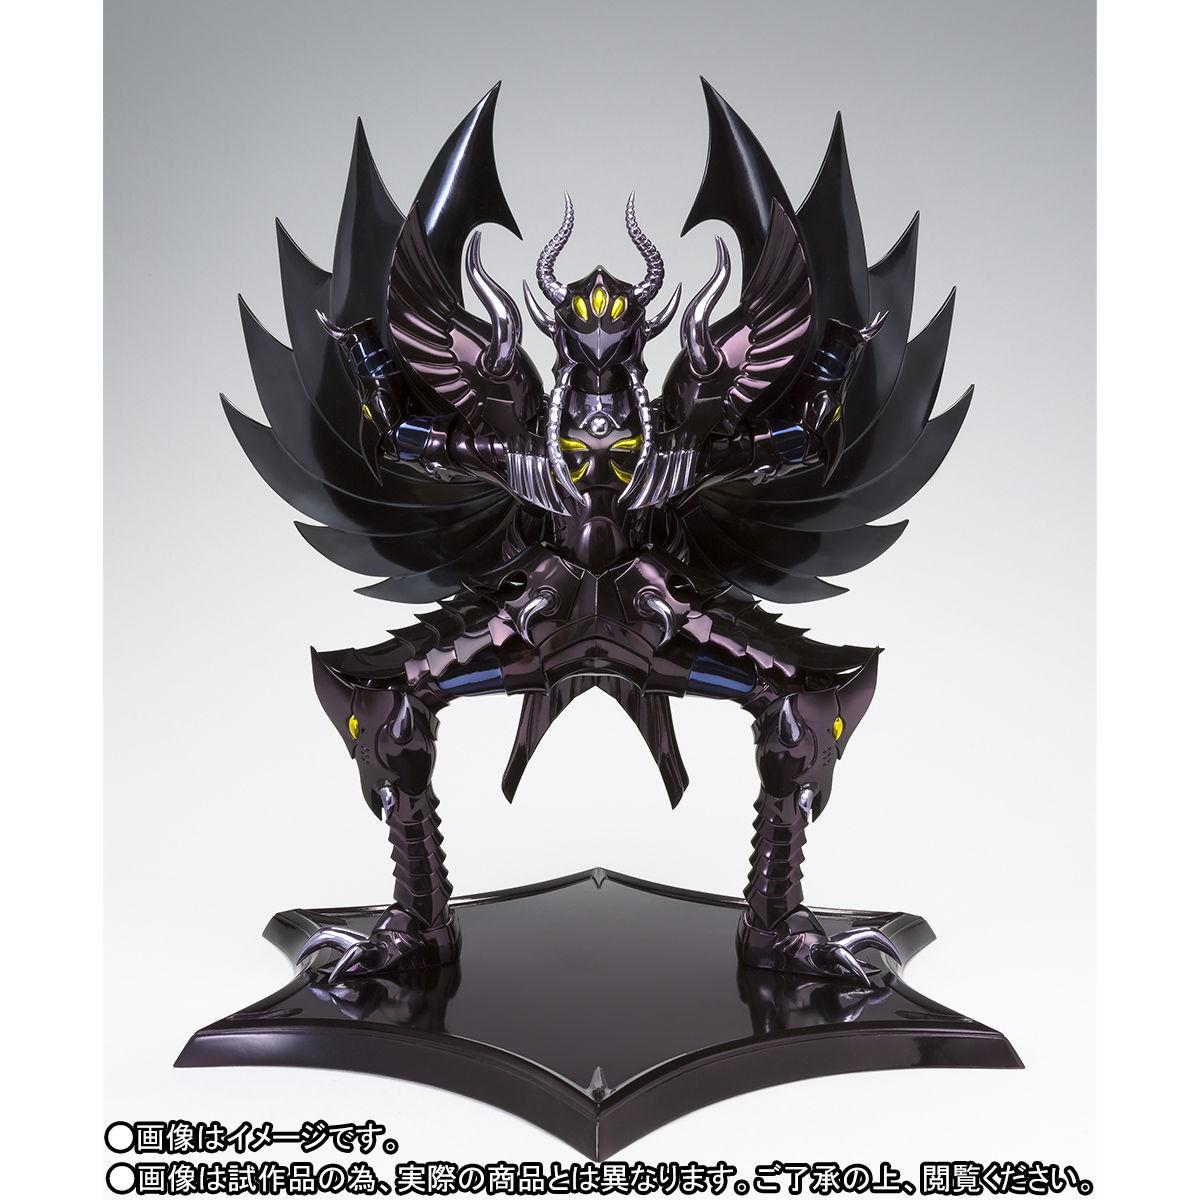 [Comentários] Aiacos de Garuda EX - Página 2 Iu4Qt1rz_o